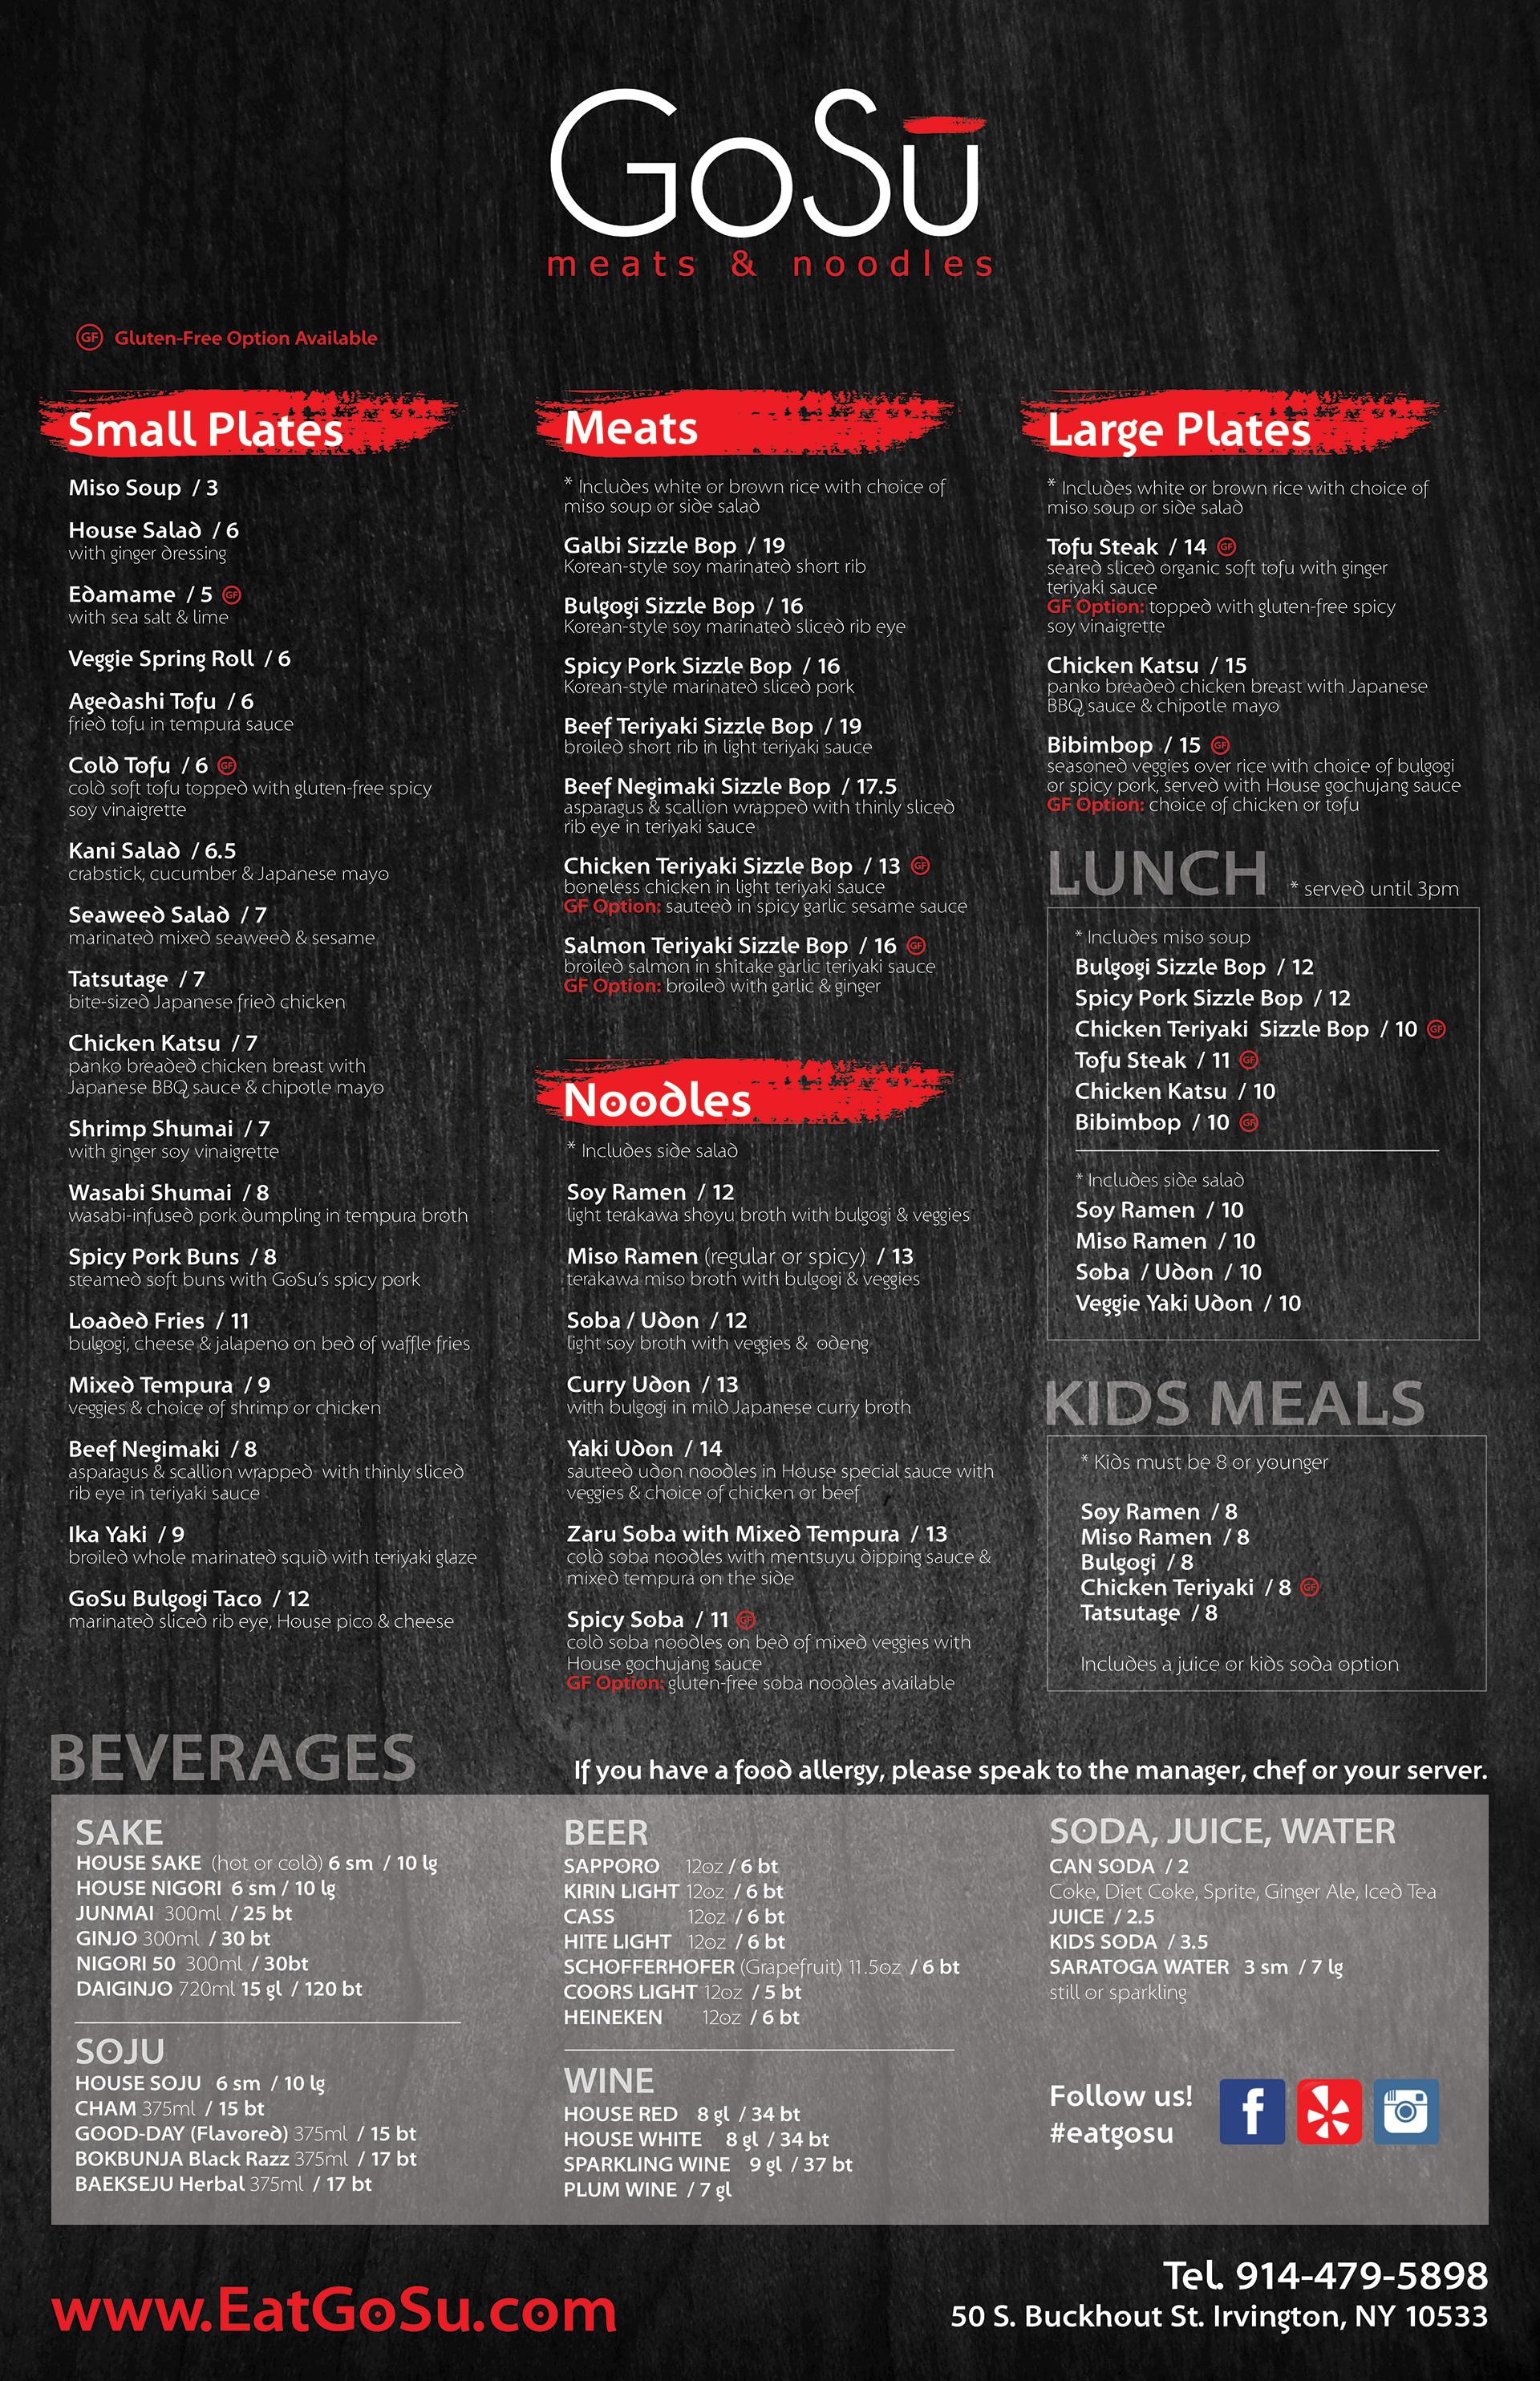 gosu_menu